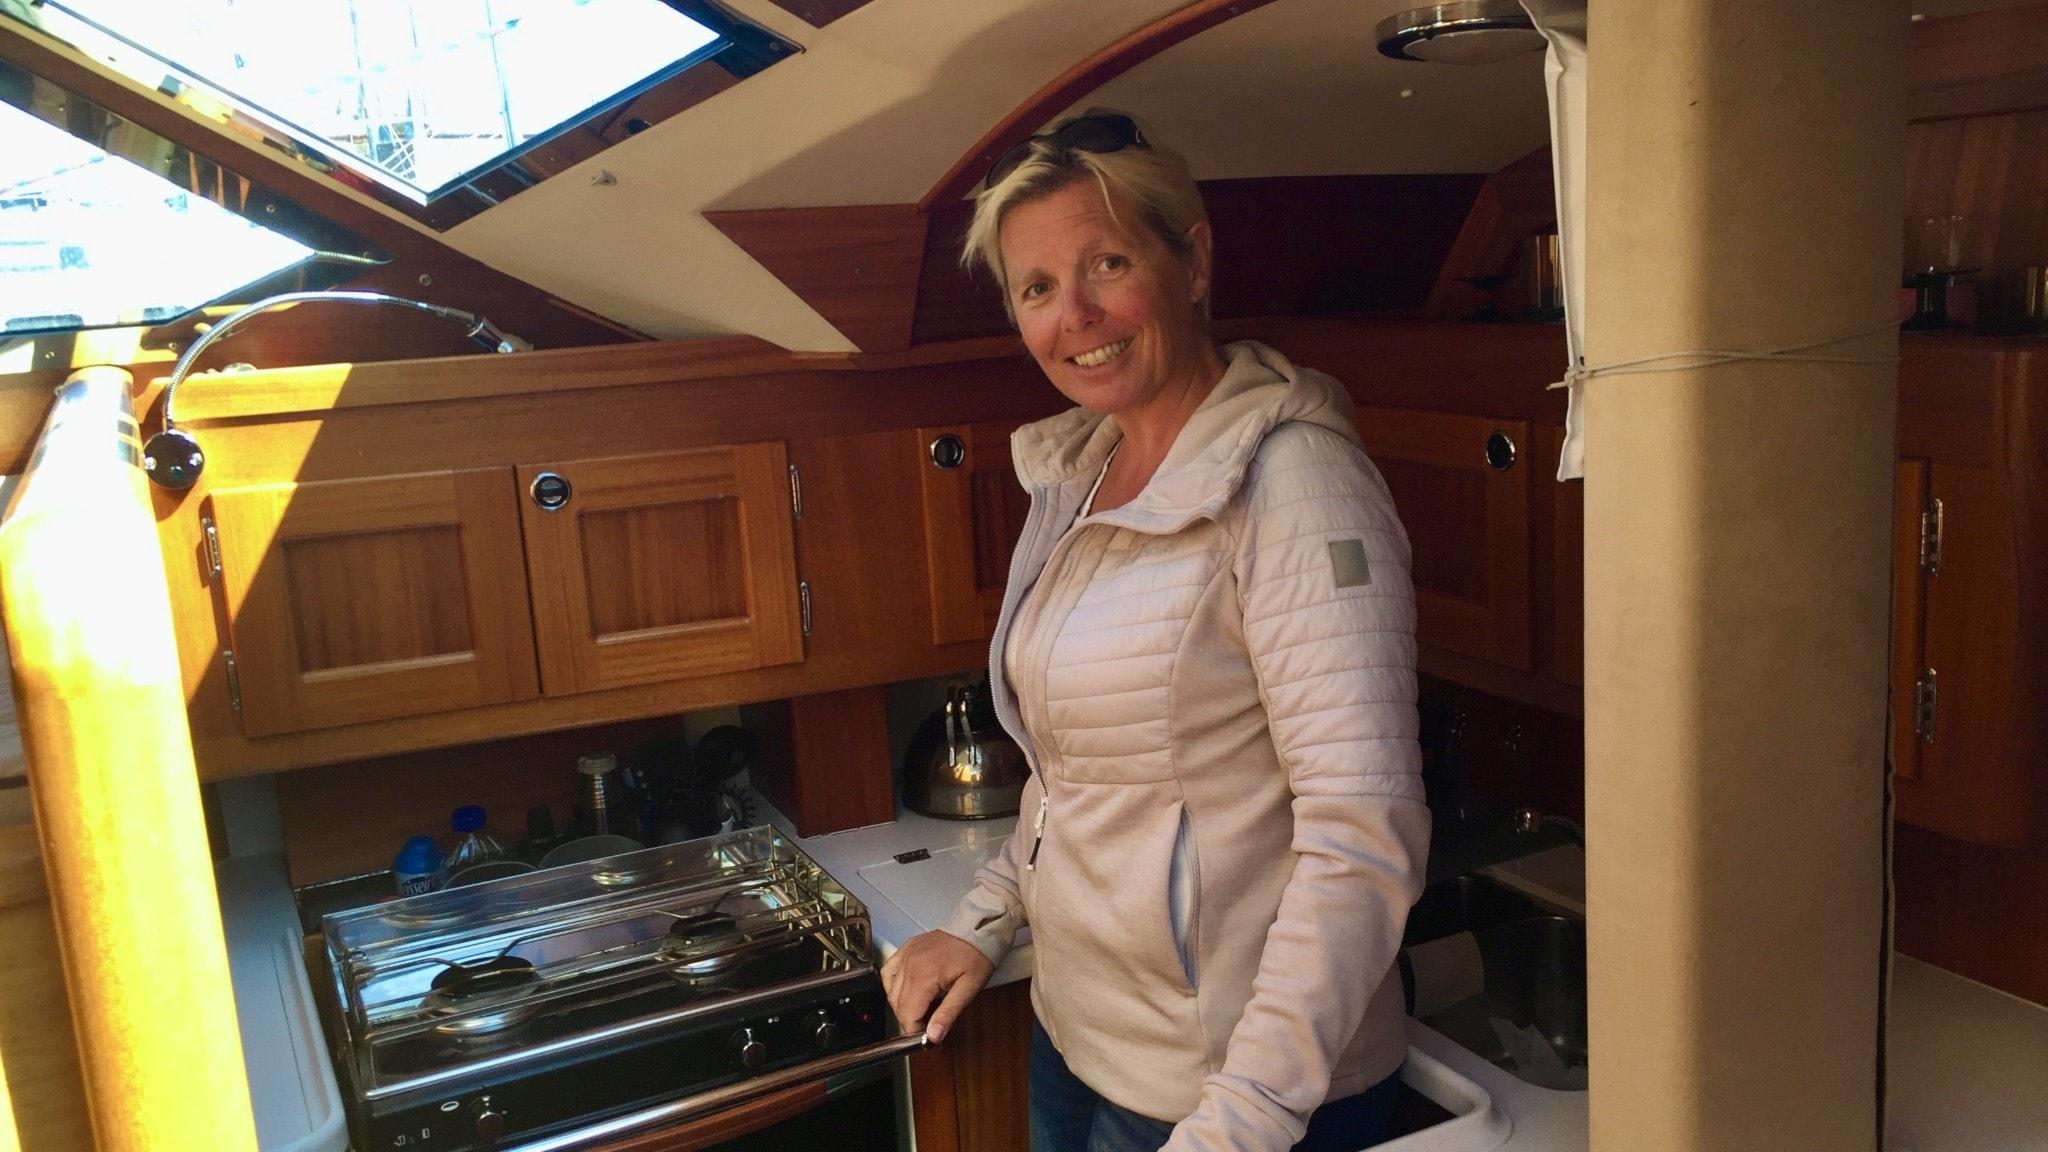 Liv Bryngelsson tipsar om hur man får det lilla köket ombord att fungera bäst.